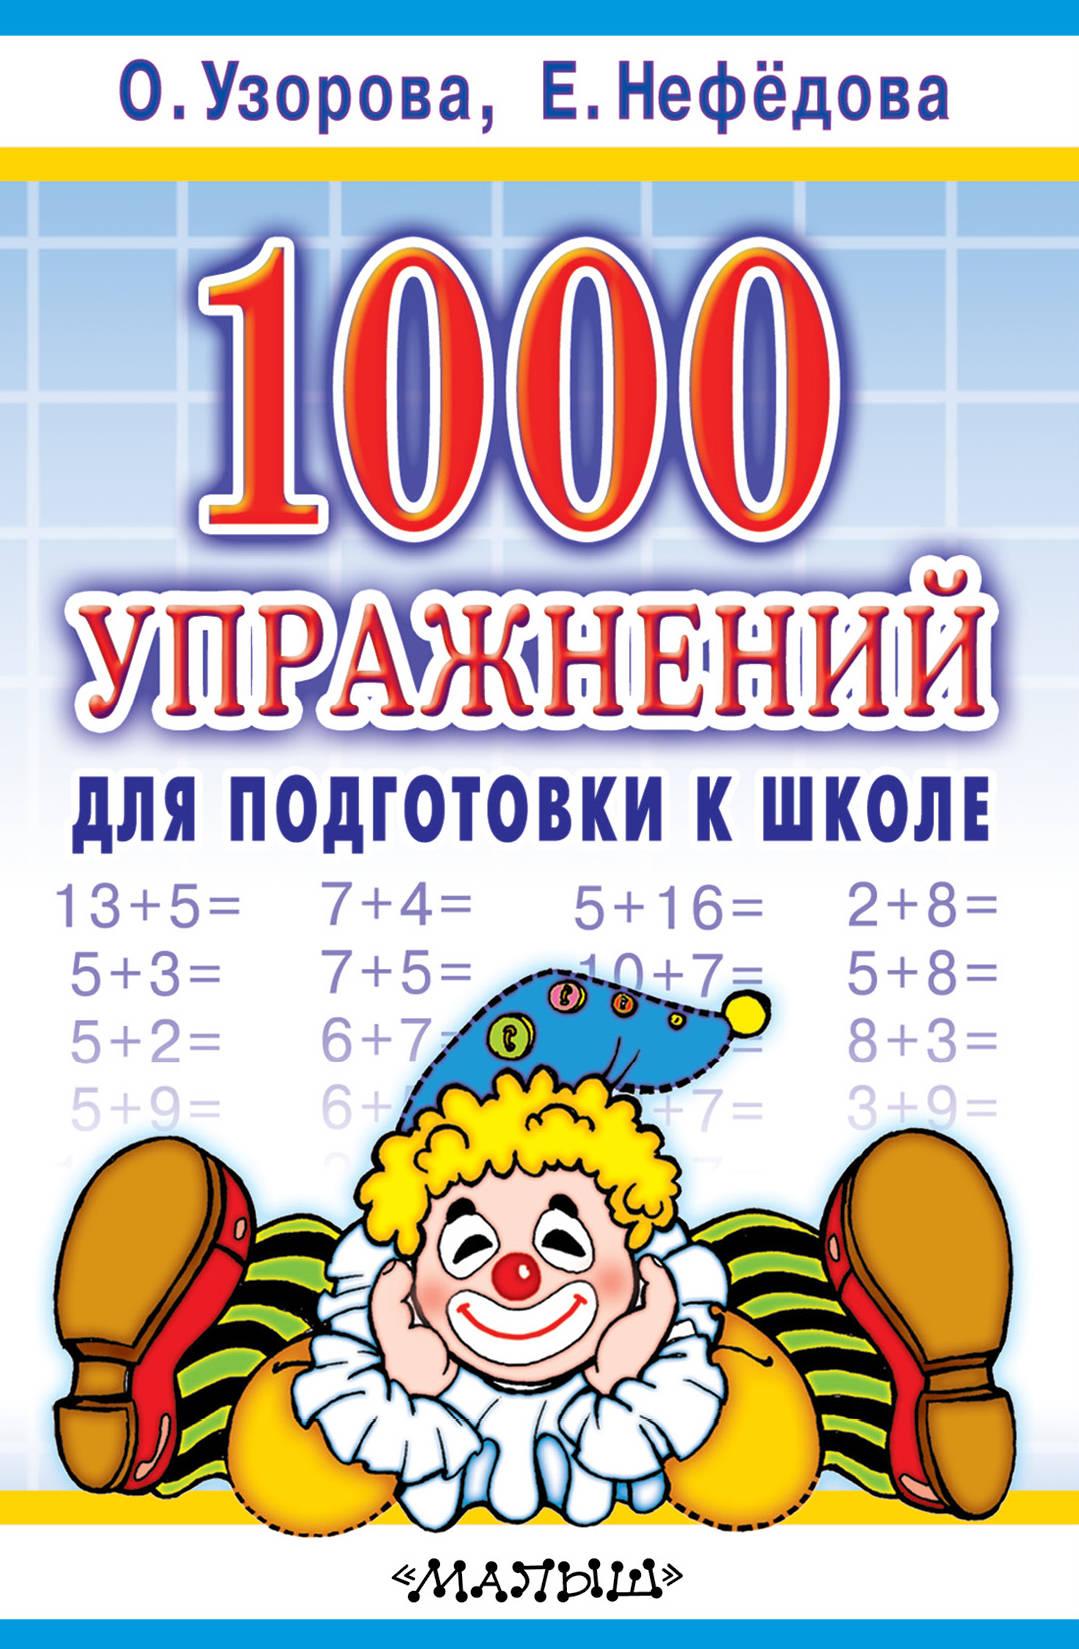 Купить 1000 упражнений для подготовки к школе, АСТ, Книги по обучению и развитию детей